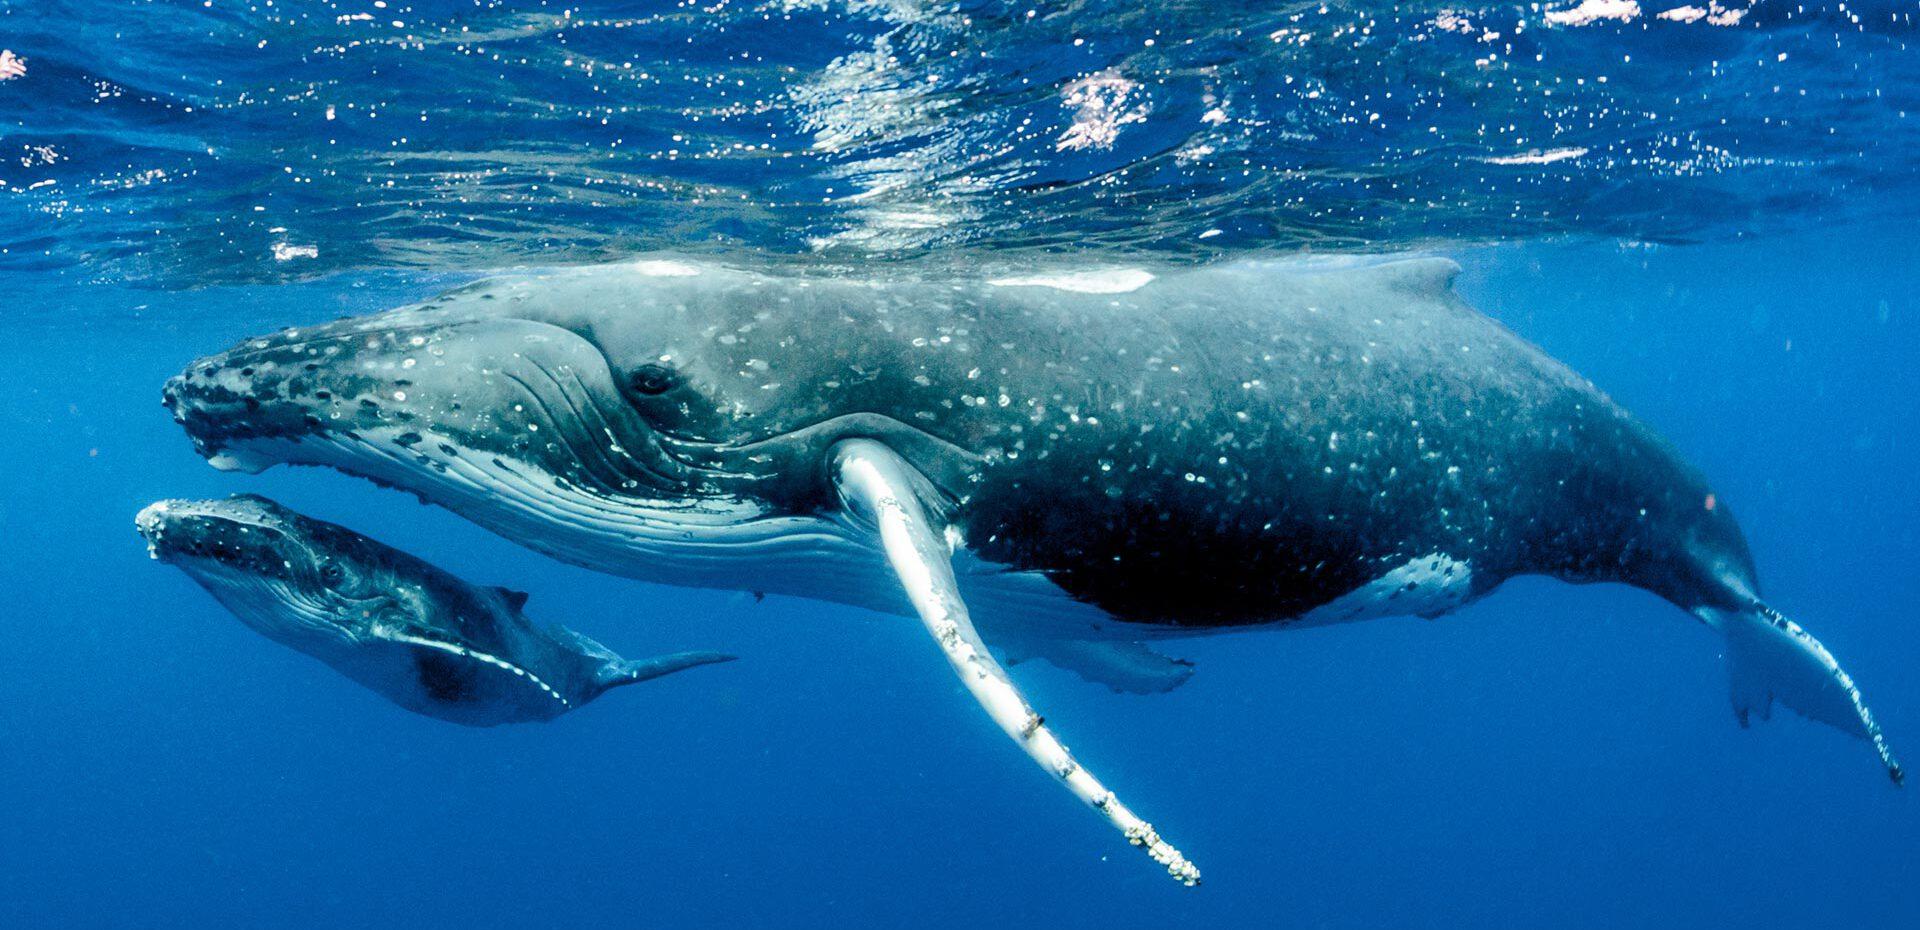 اطلاعات خواندنی در مورد نهنگ